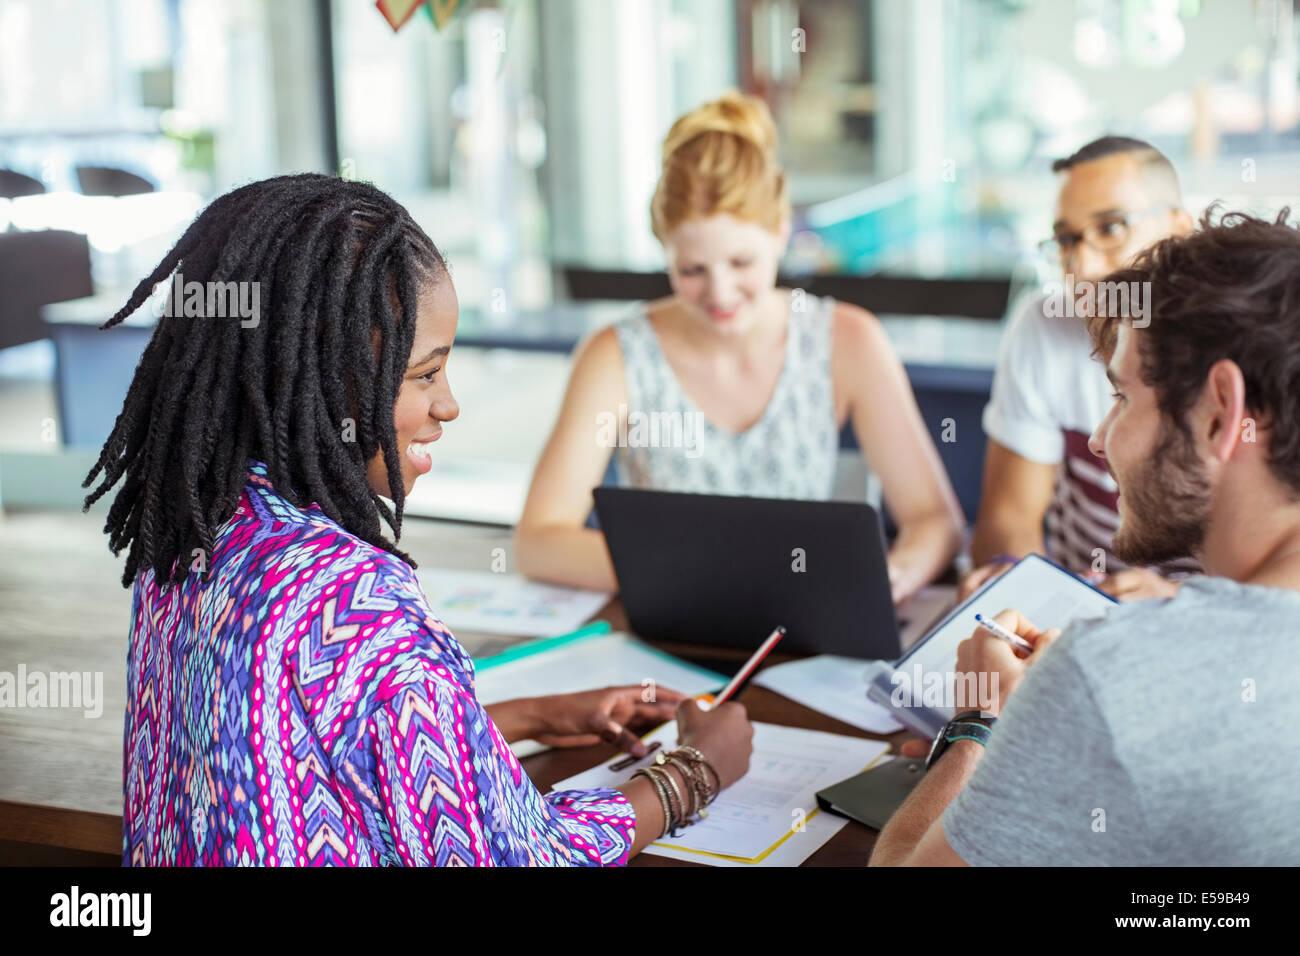 Menschen, die Arbeiten am Konferenztisch im Büro Stockbild